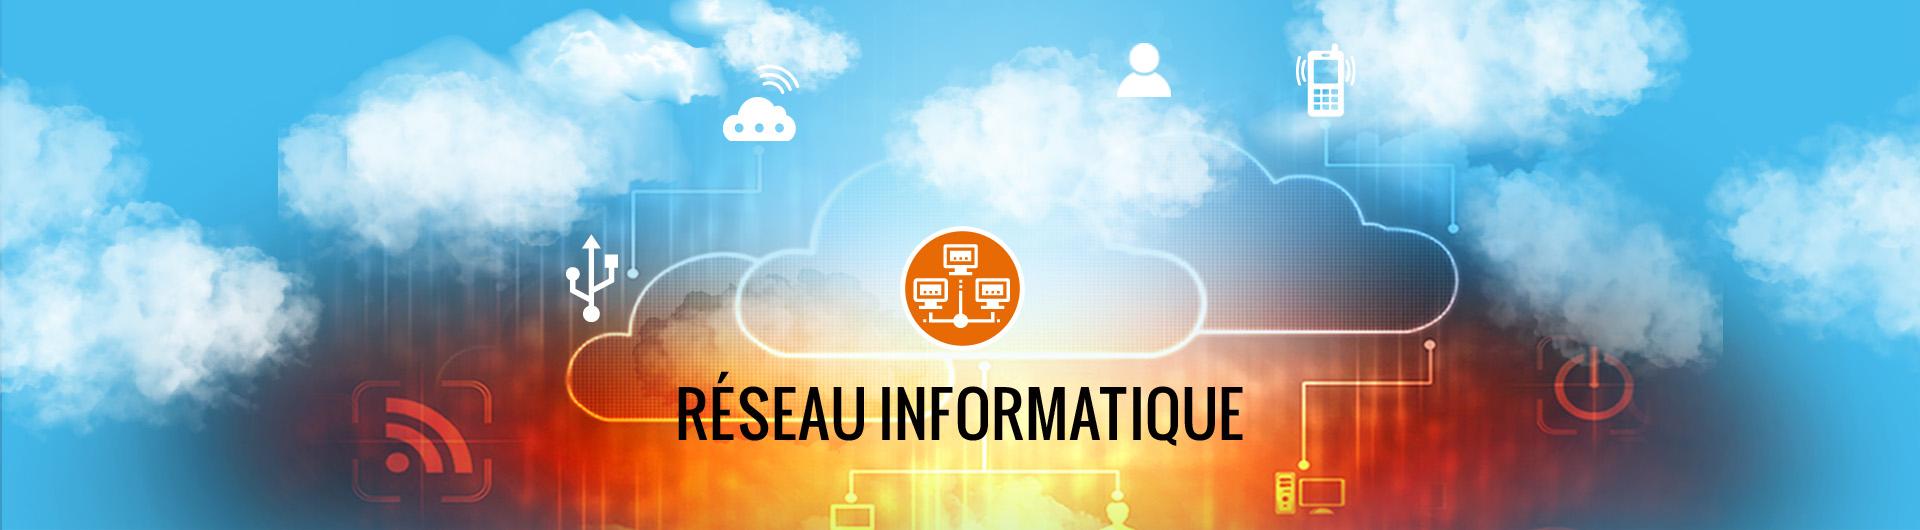 ACS'IT - Infrastructure réseau informatique pour les entreprises en Limousin